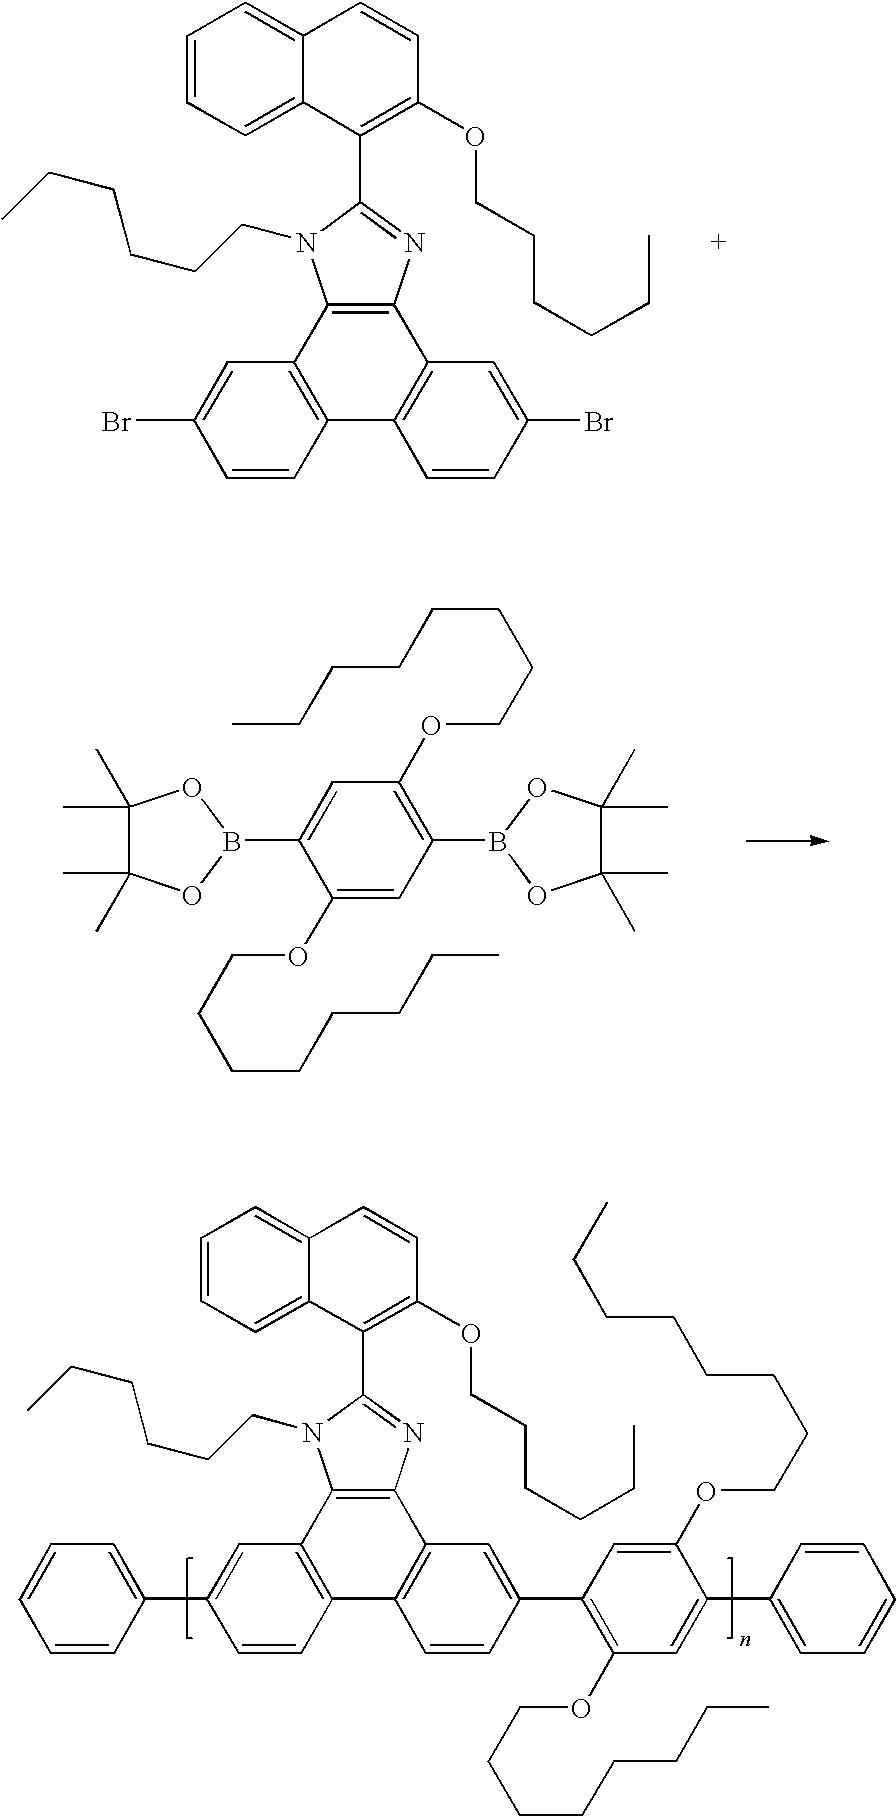 Figure US20090105447A1-20090423-C00229